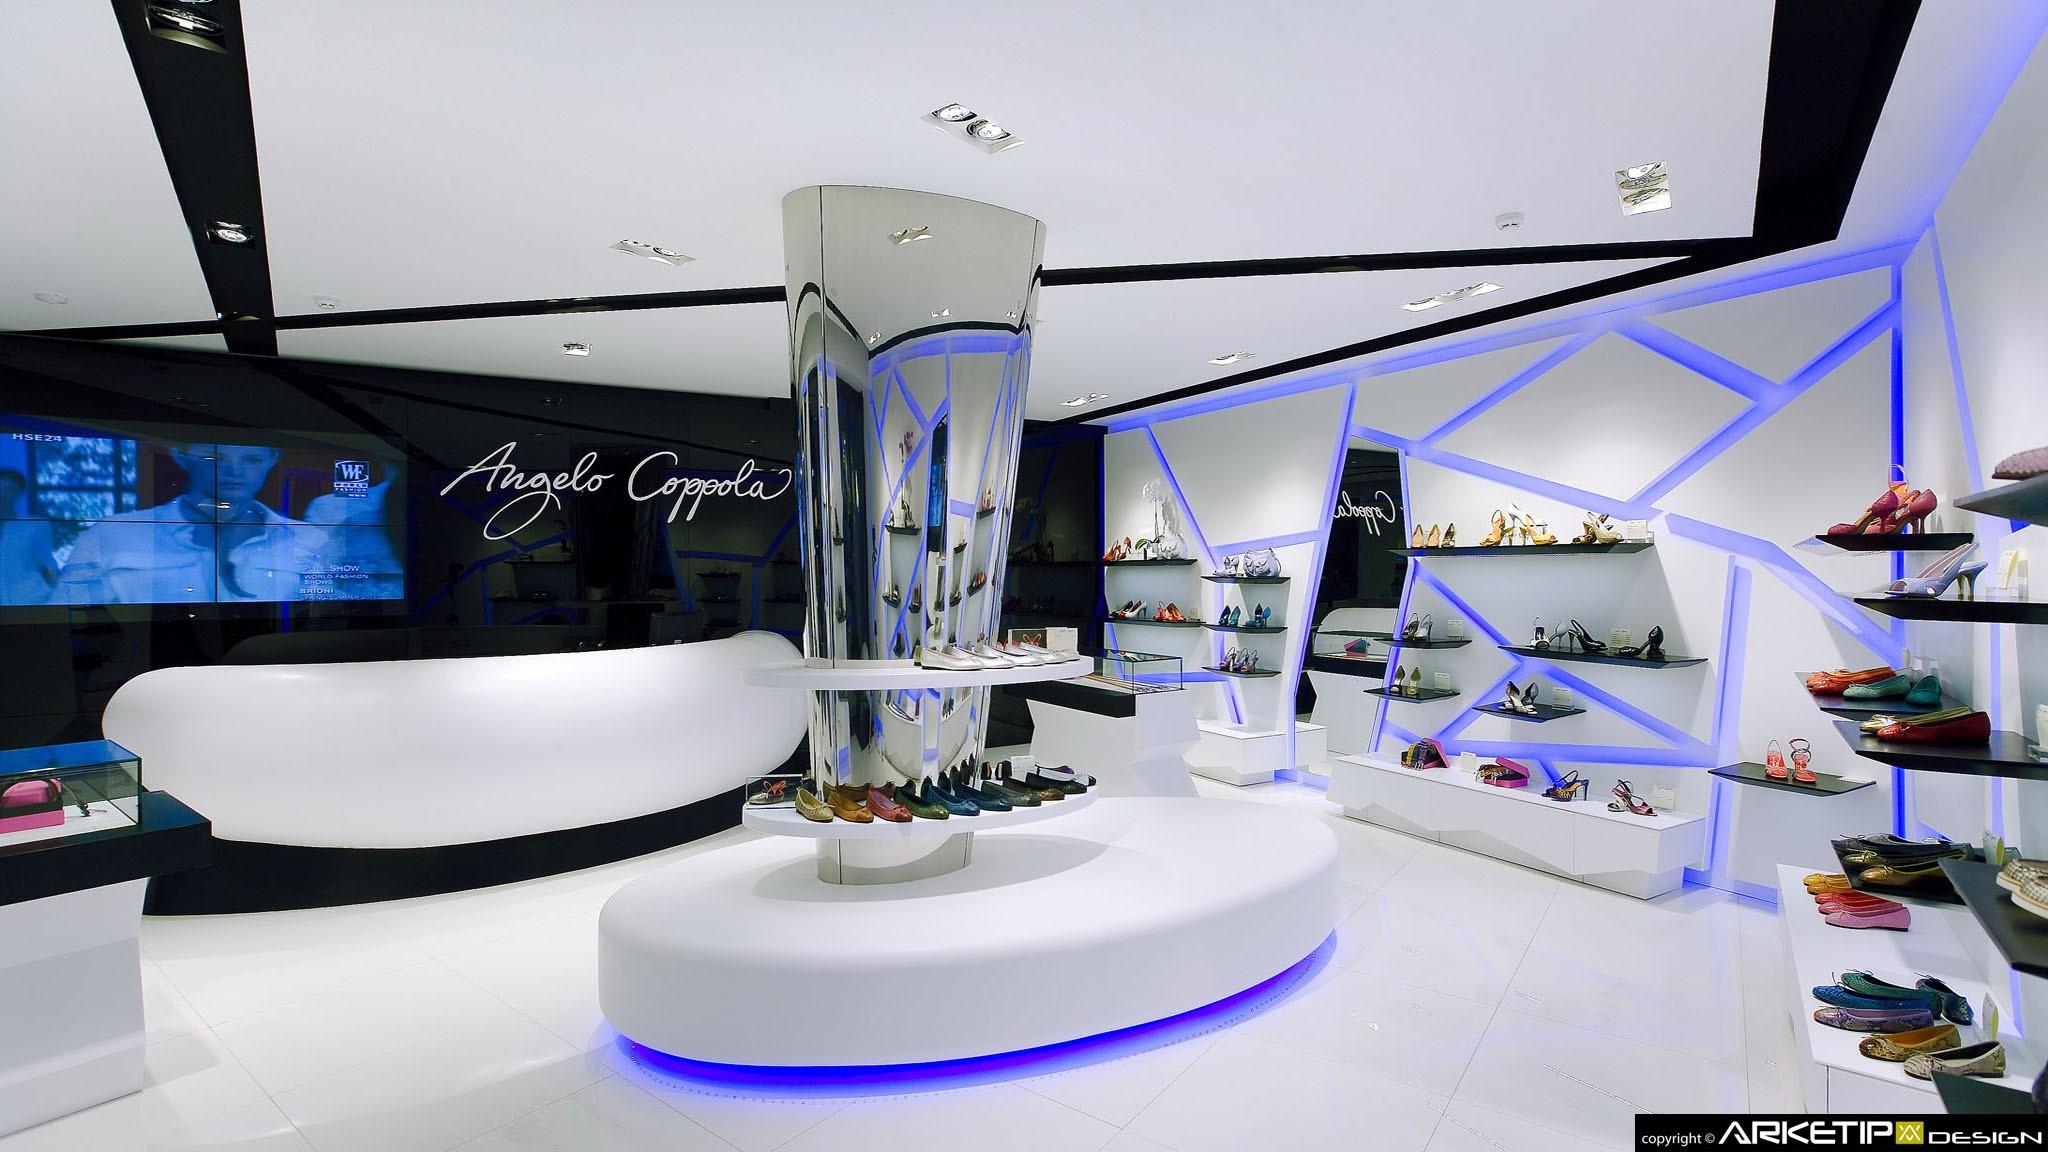 Arredamento negozio calzature angelo coppola monza for Arredamento negozi palermo